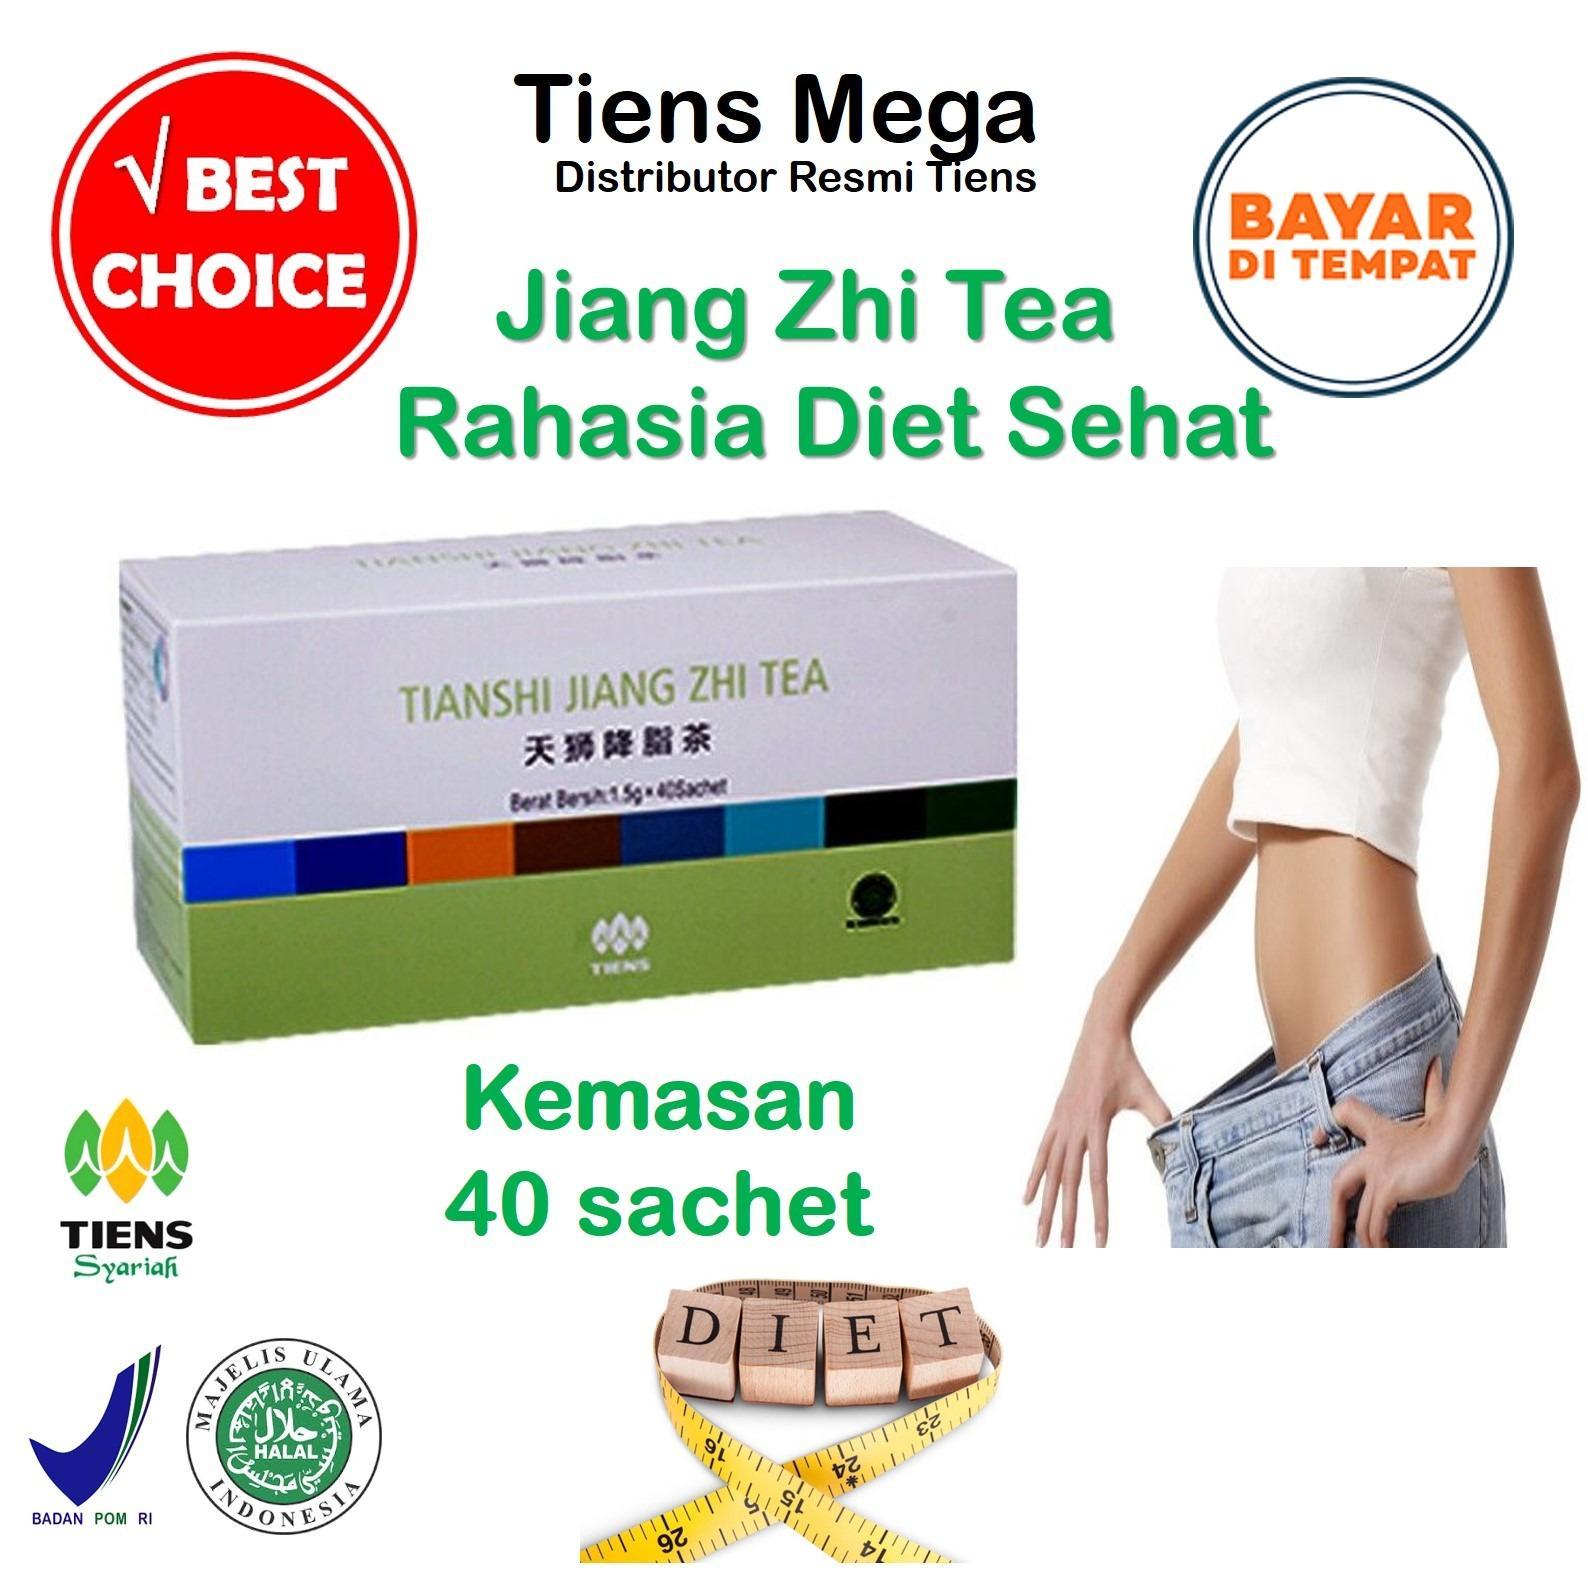 Spesifikasi Tiens Jiang Zhi Tea Solusi Diet Sehat Paket Promo Banting Harga 40 Sachet Gratis Kartu Diskon Tiens Mega Tiens